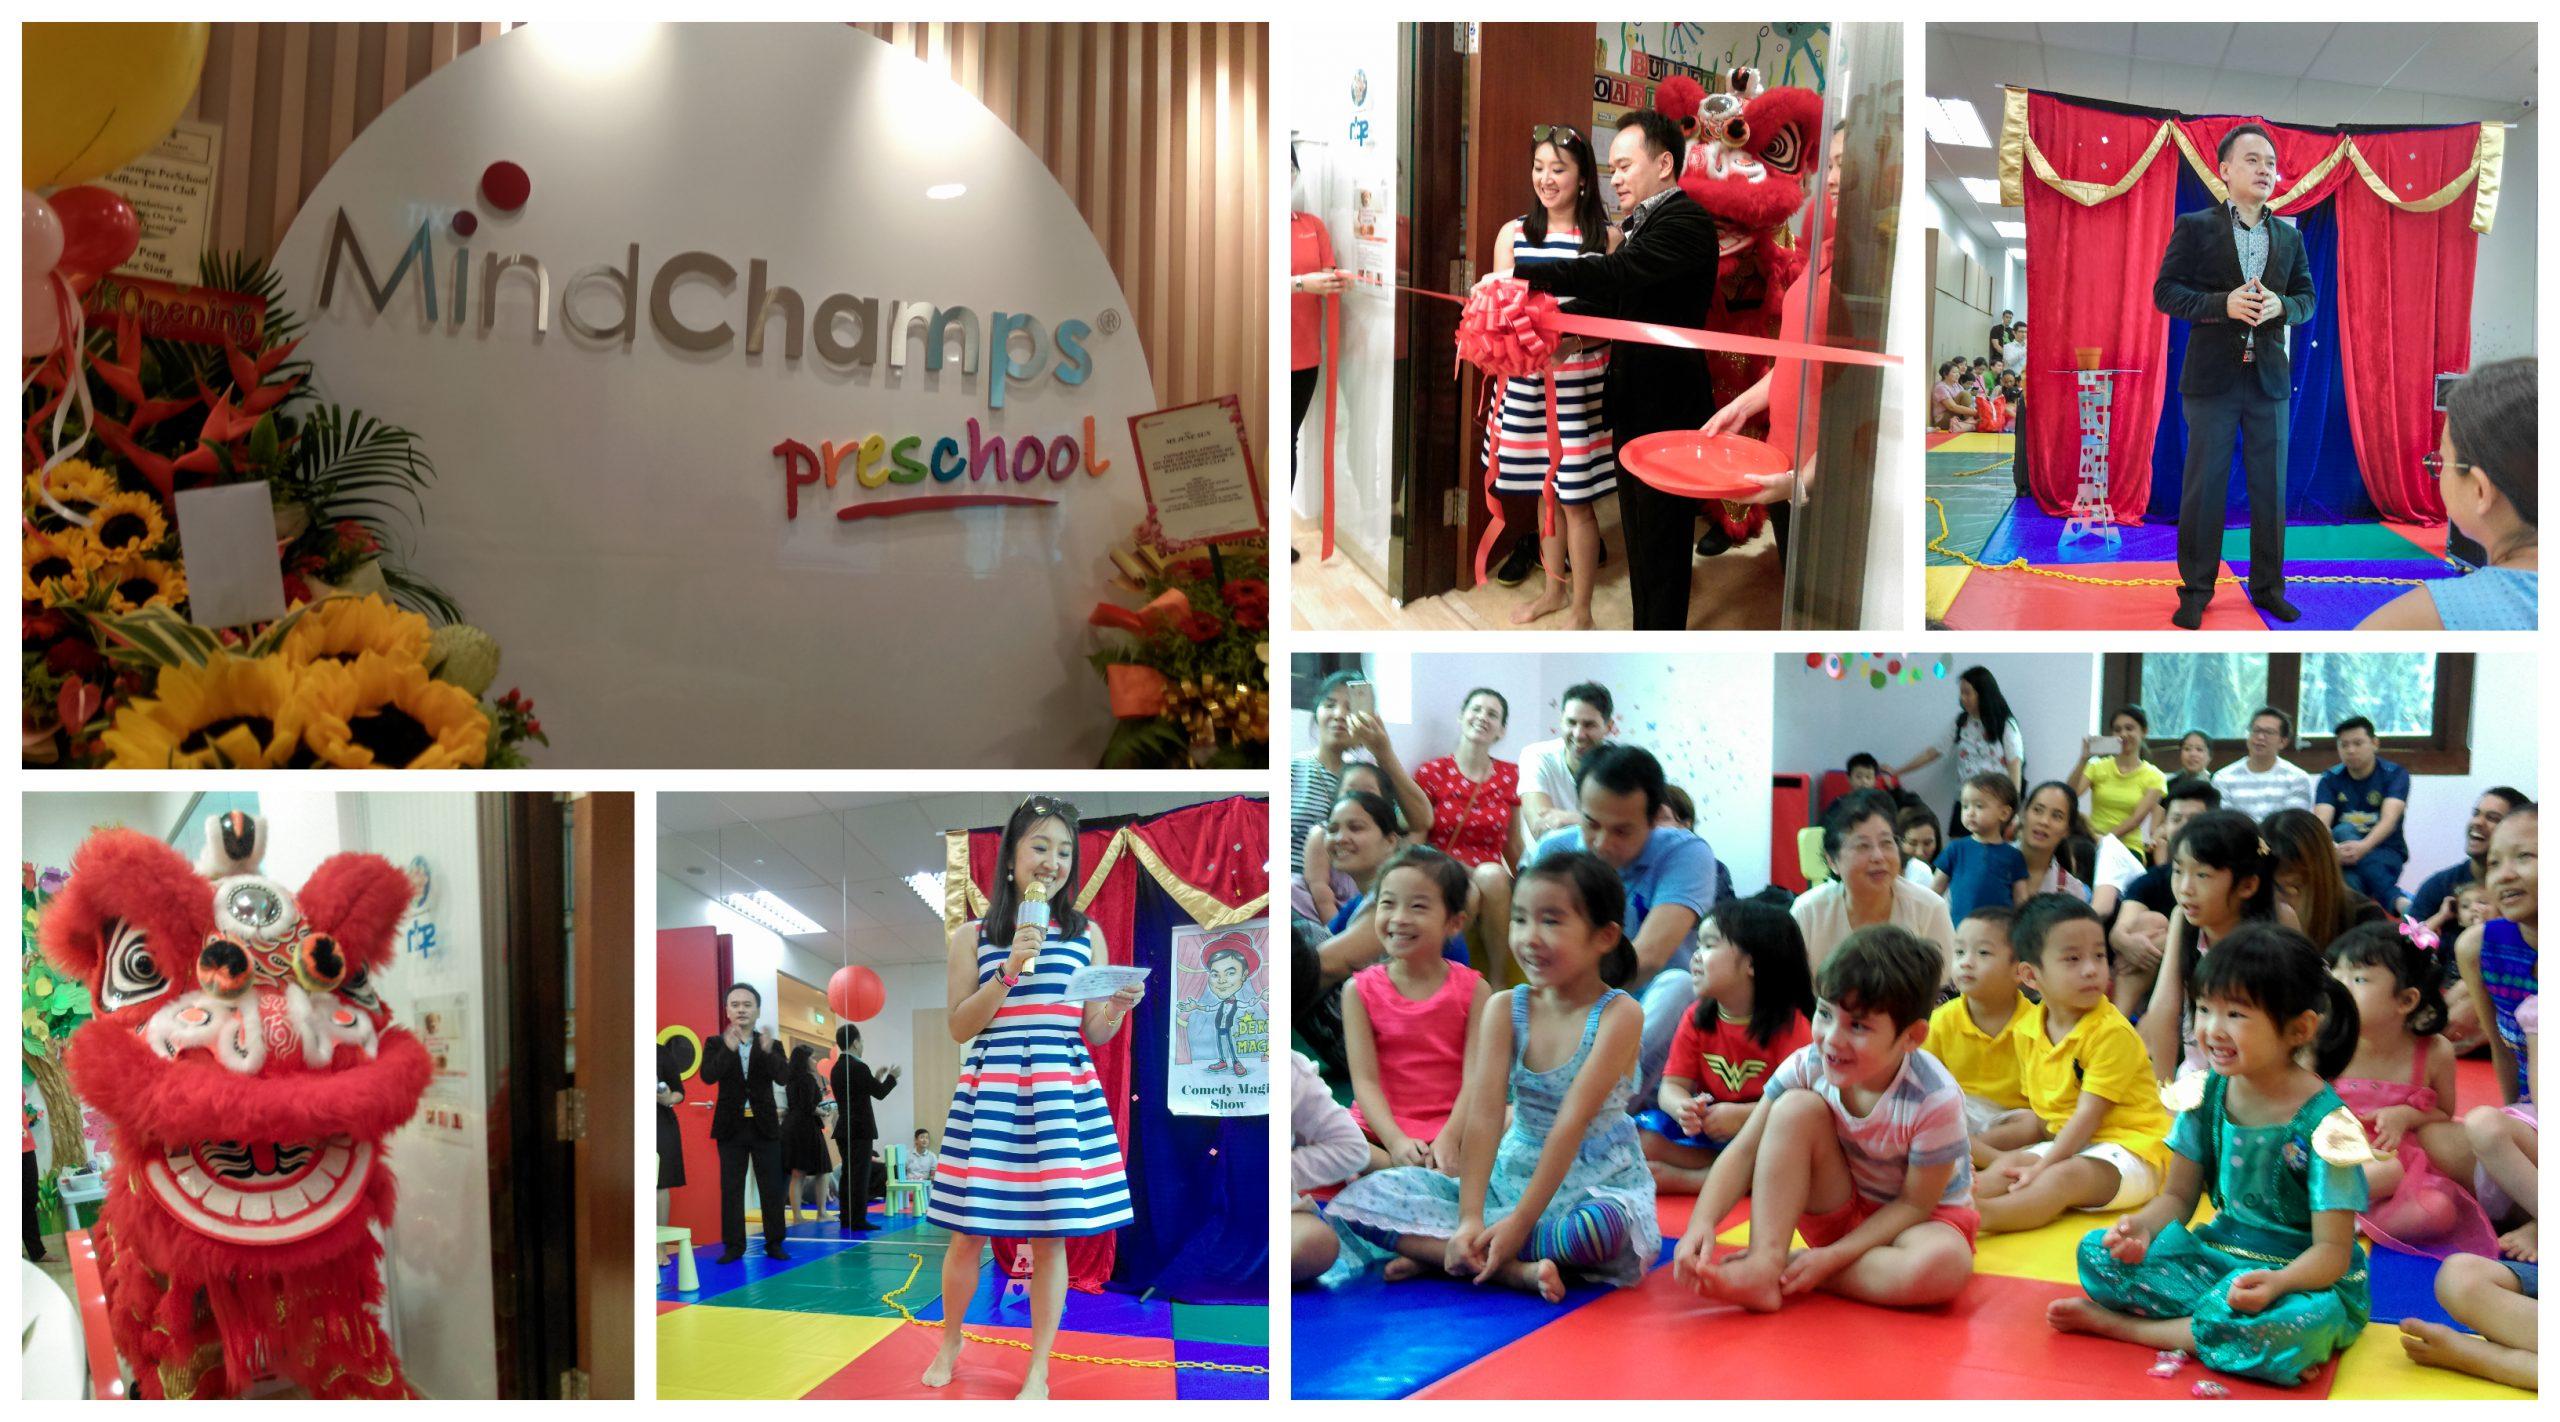 Mindchamps PreSchool & Enrichment Classes